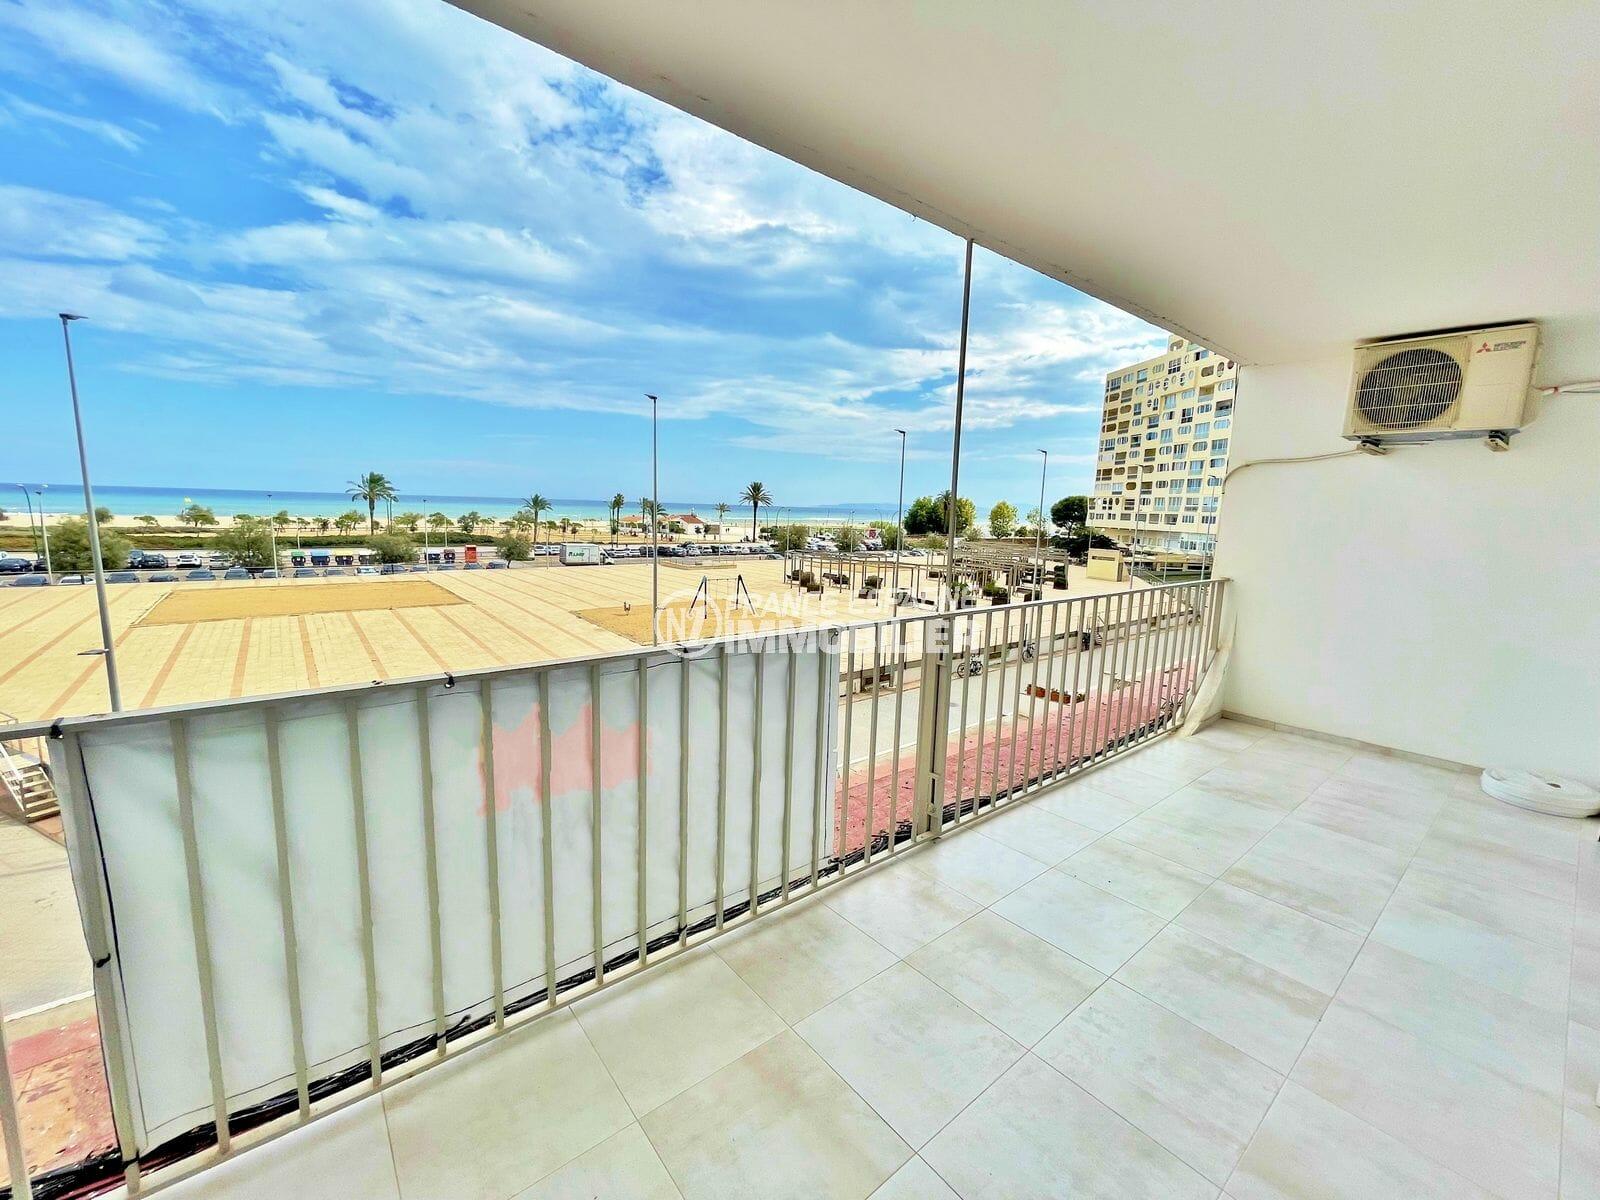 vente appartement empuriabrava, 3 pièces vue mer 69 m², belle terrasse avec exposition sud, plage et commerces à 100 m